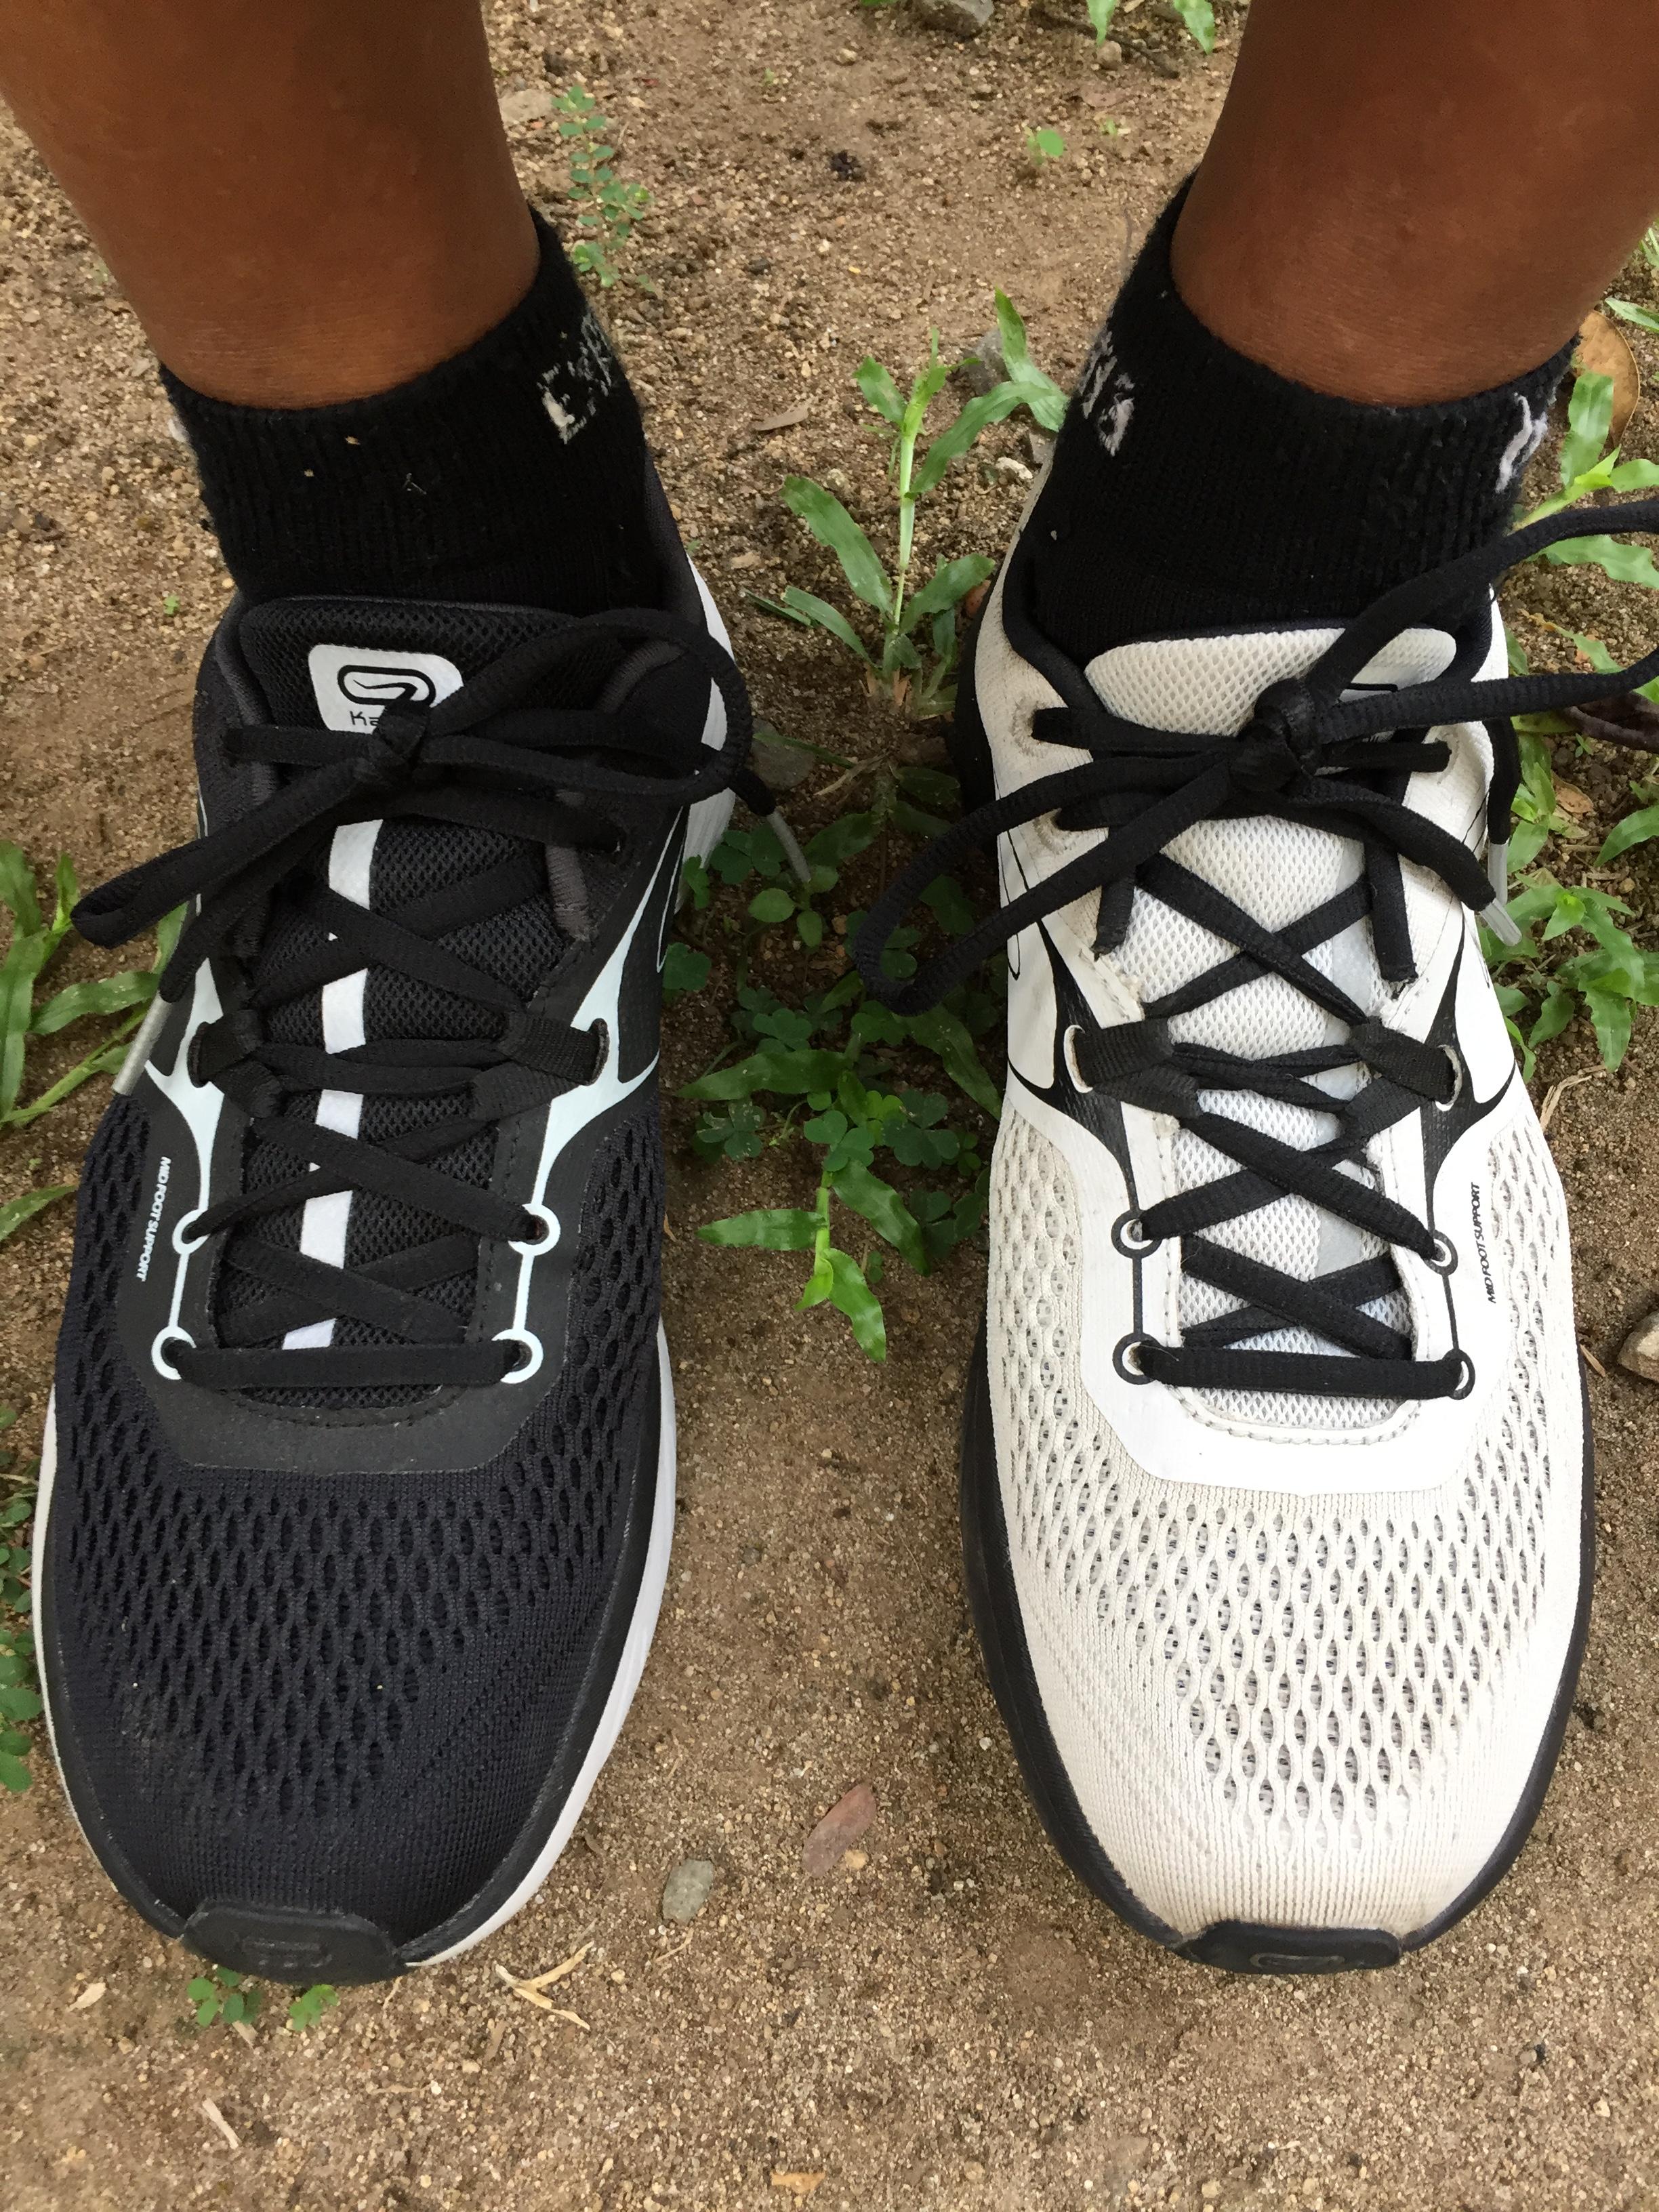 """Shoe Review: Kalenji """"Run Support"""" Running Shoes, White"""